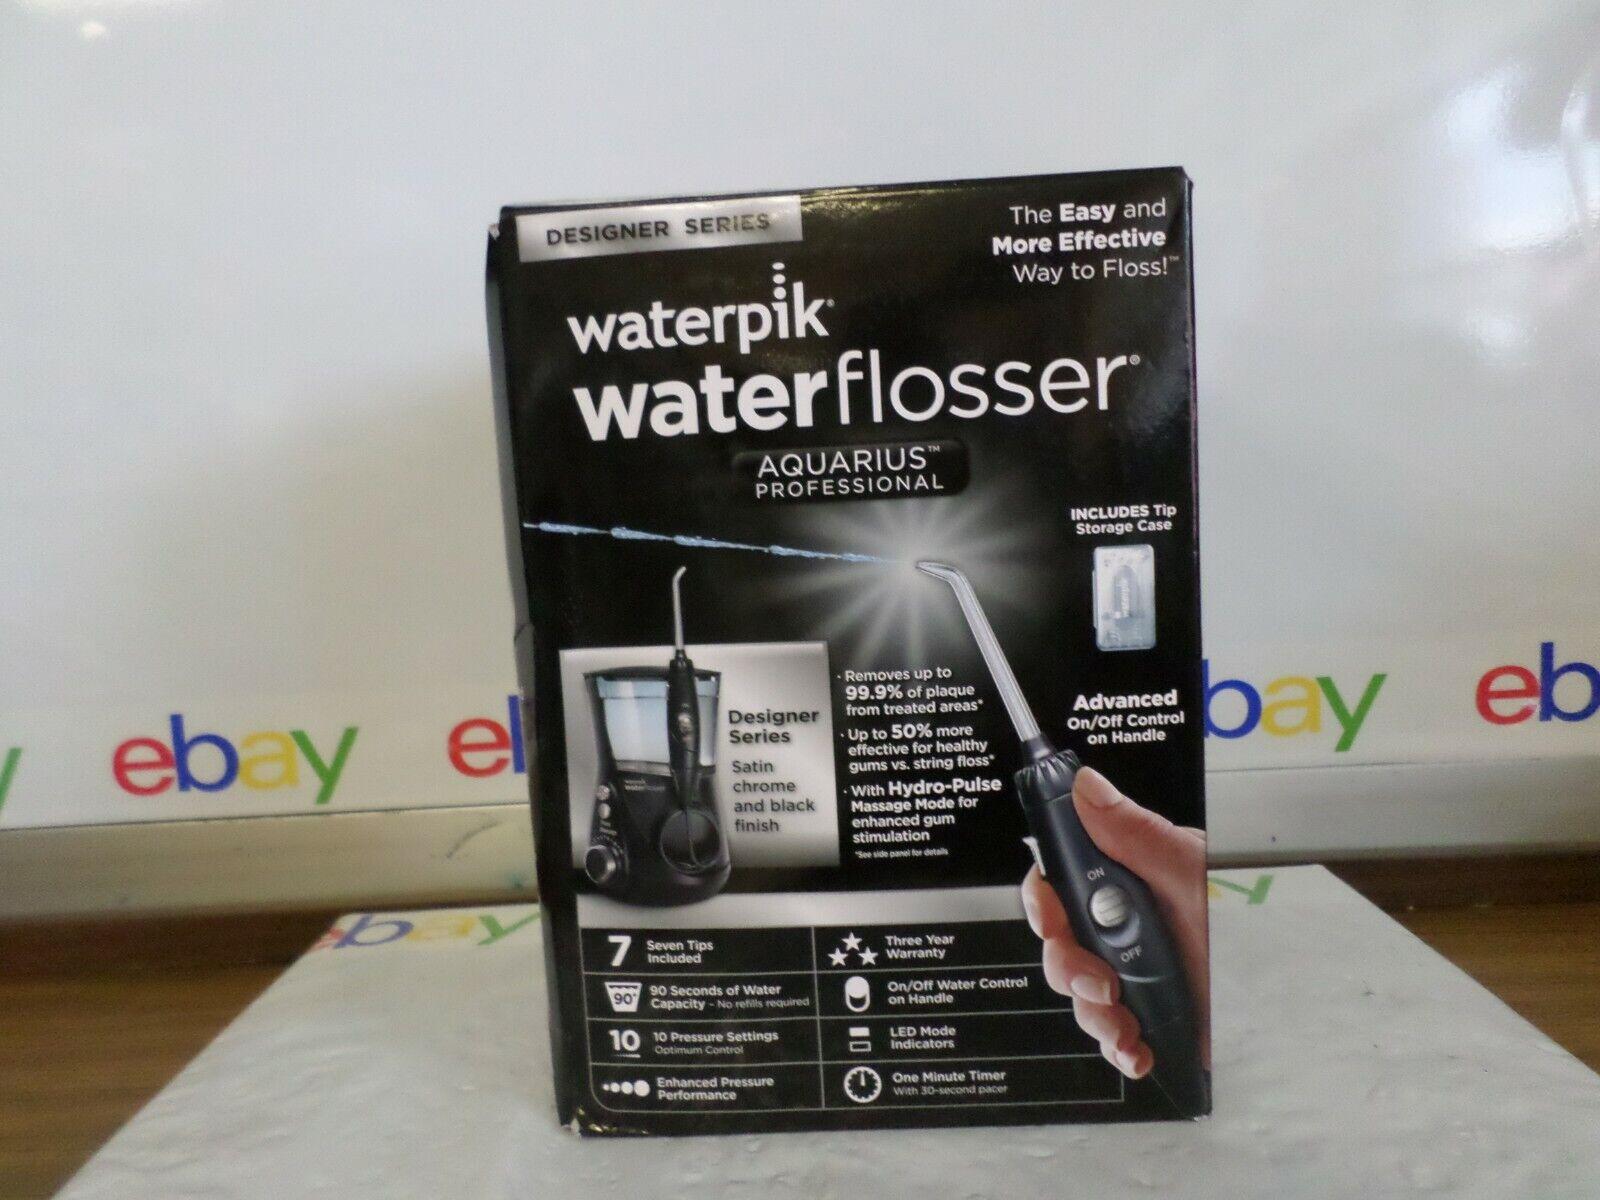 waterflosser aquarius professional black model wp 672c